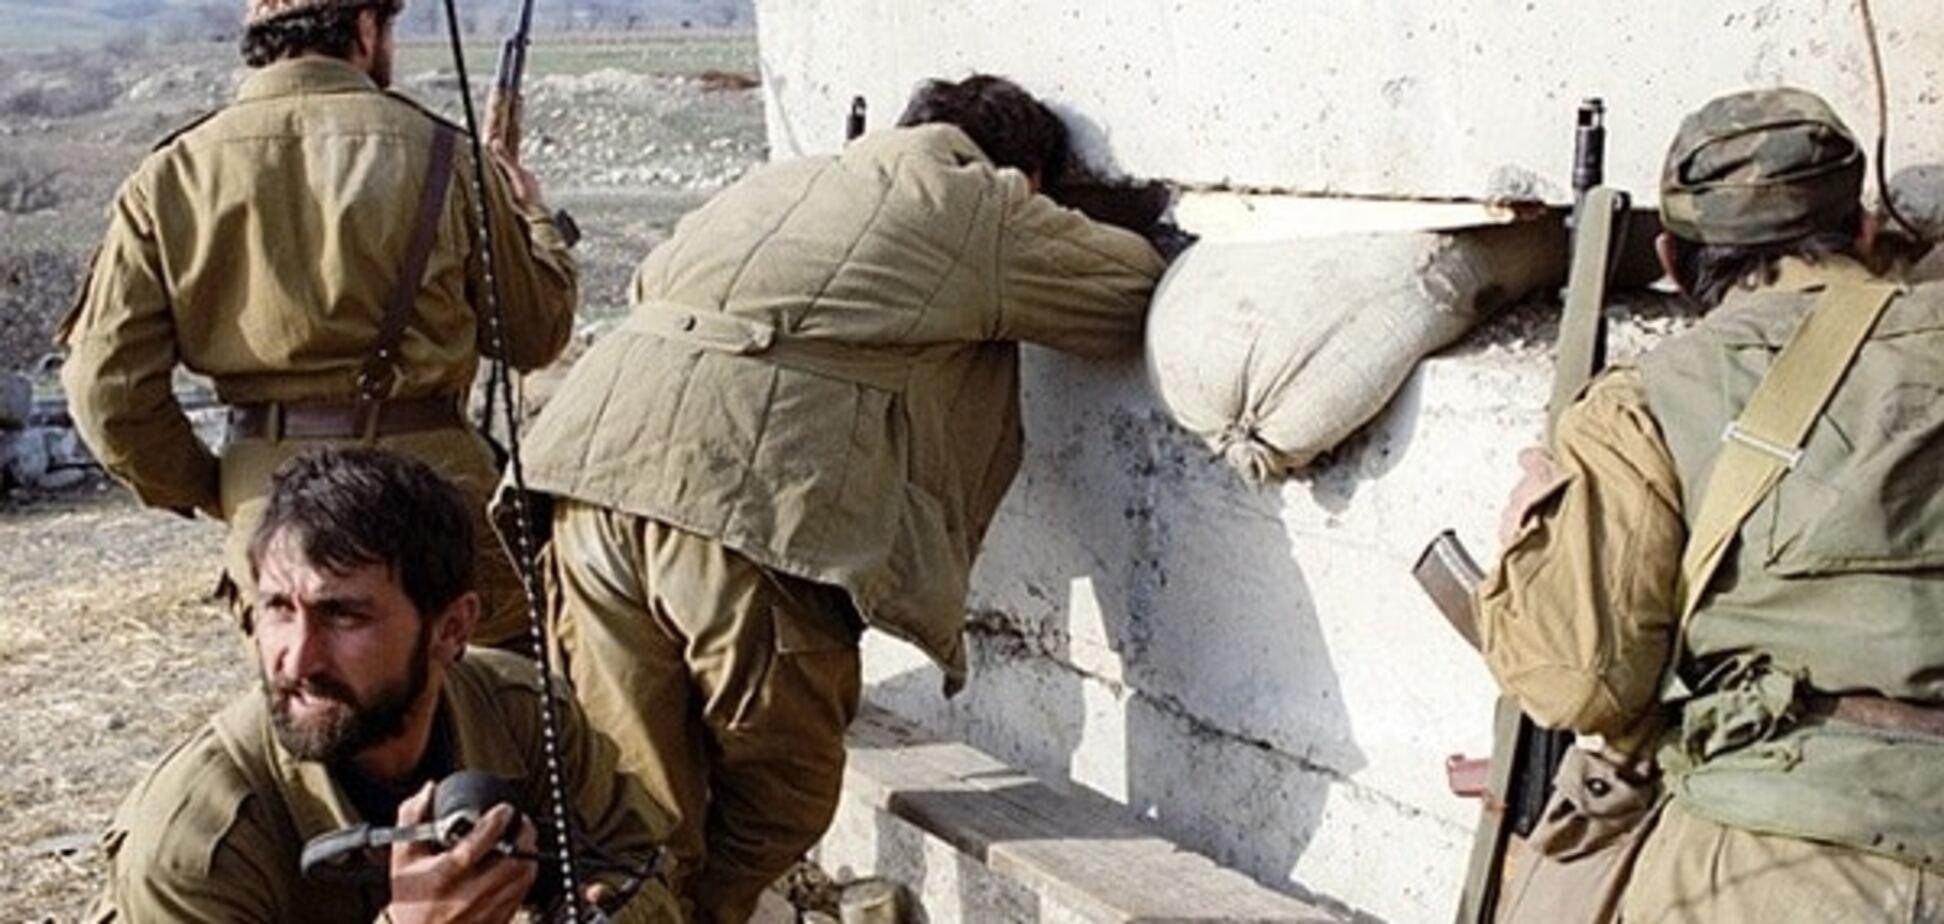 У Нагірному Карабасі відбулося військове зіткнення: є загиблі